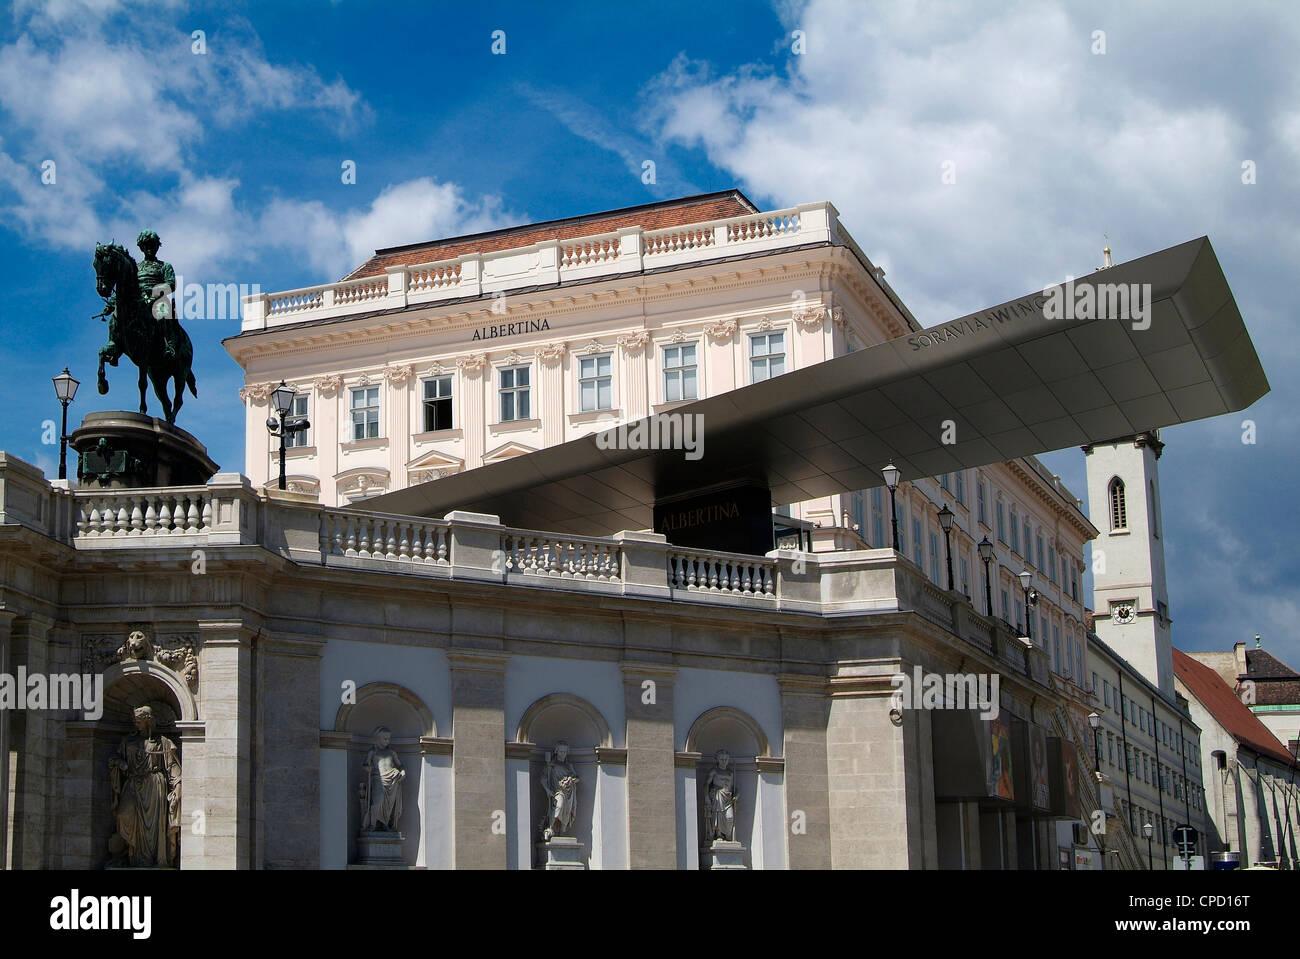 Albertina, Wien, Österreich, Europa Stockbild